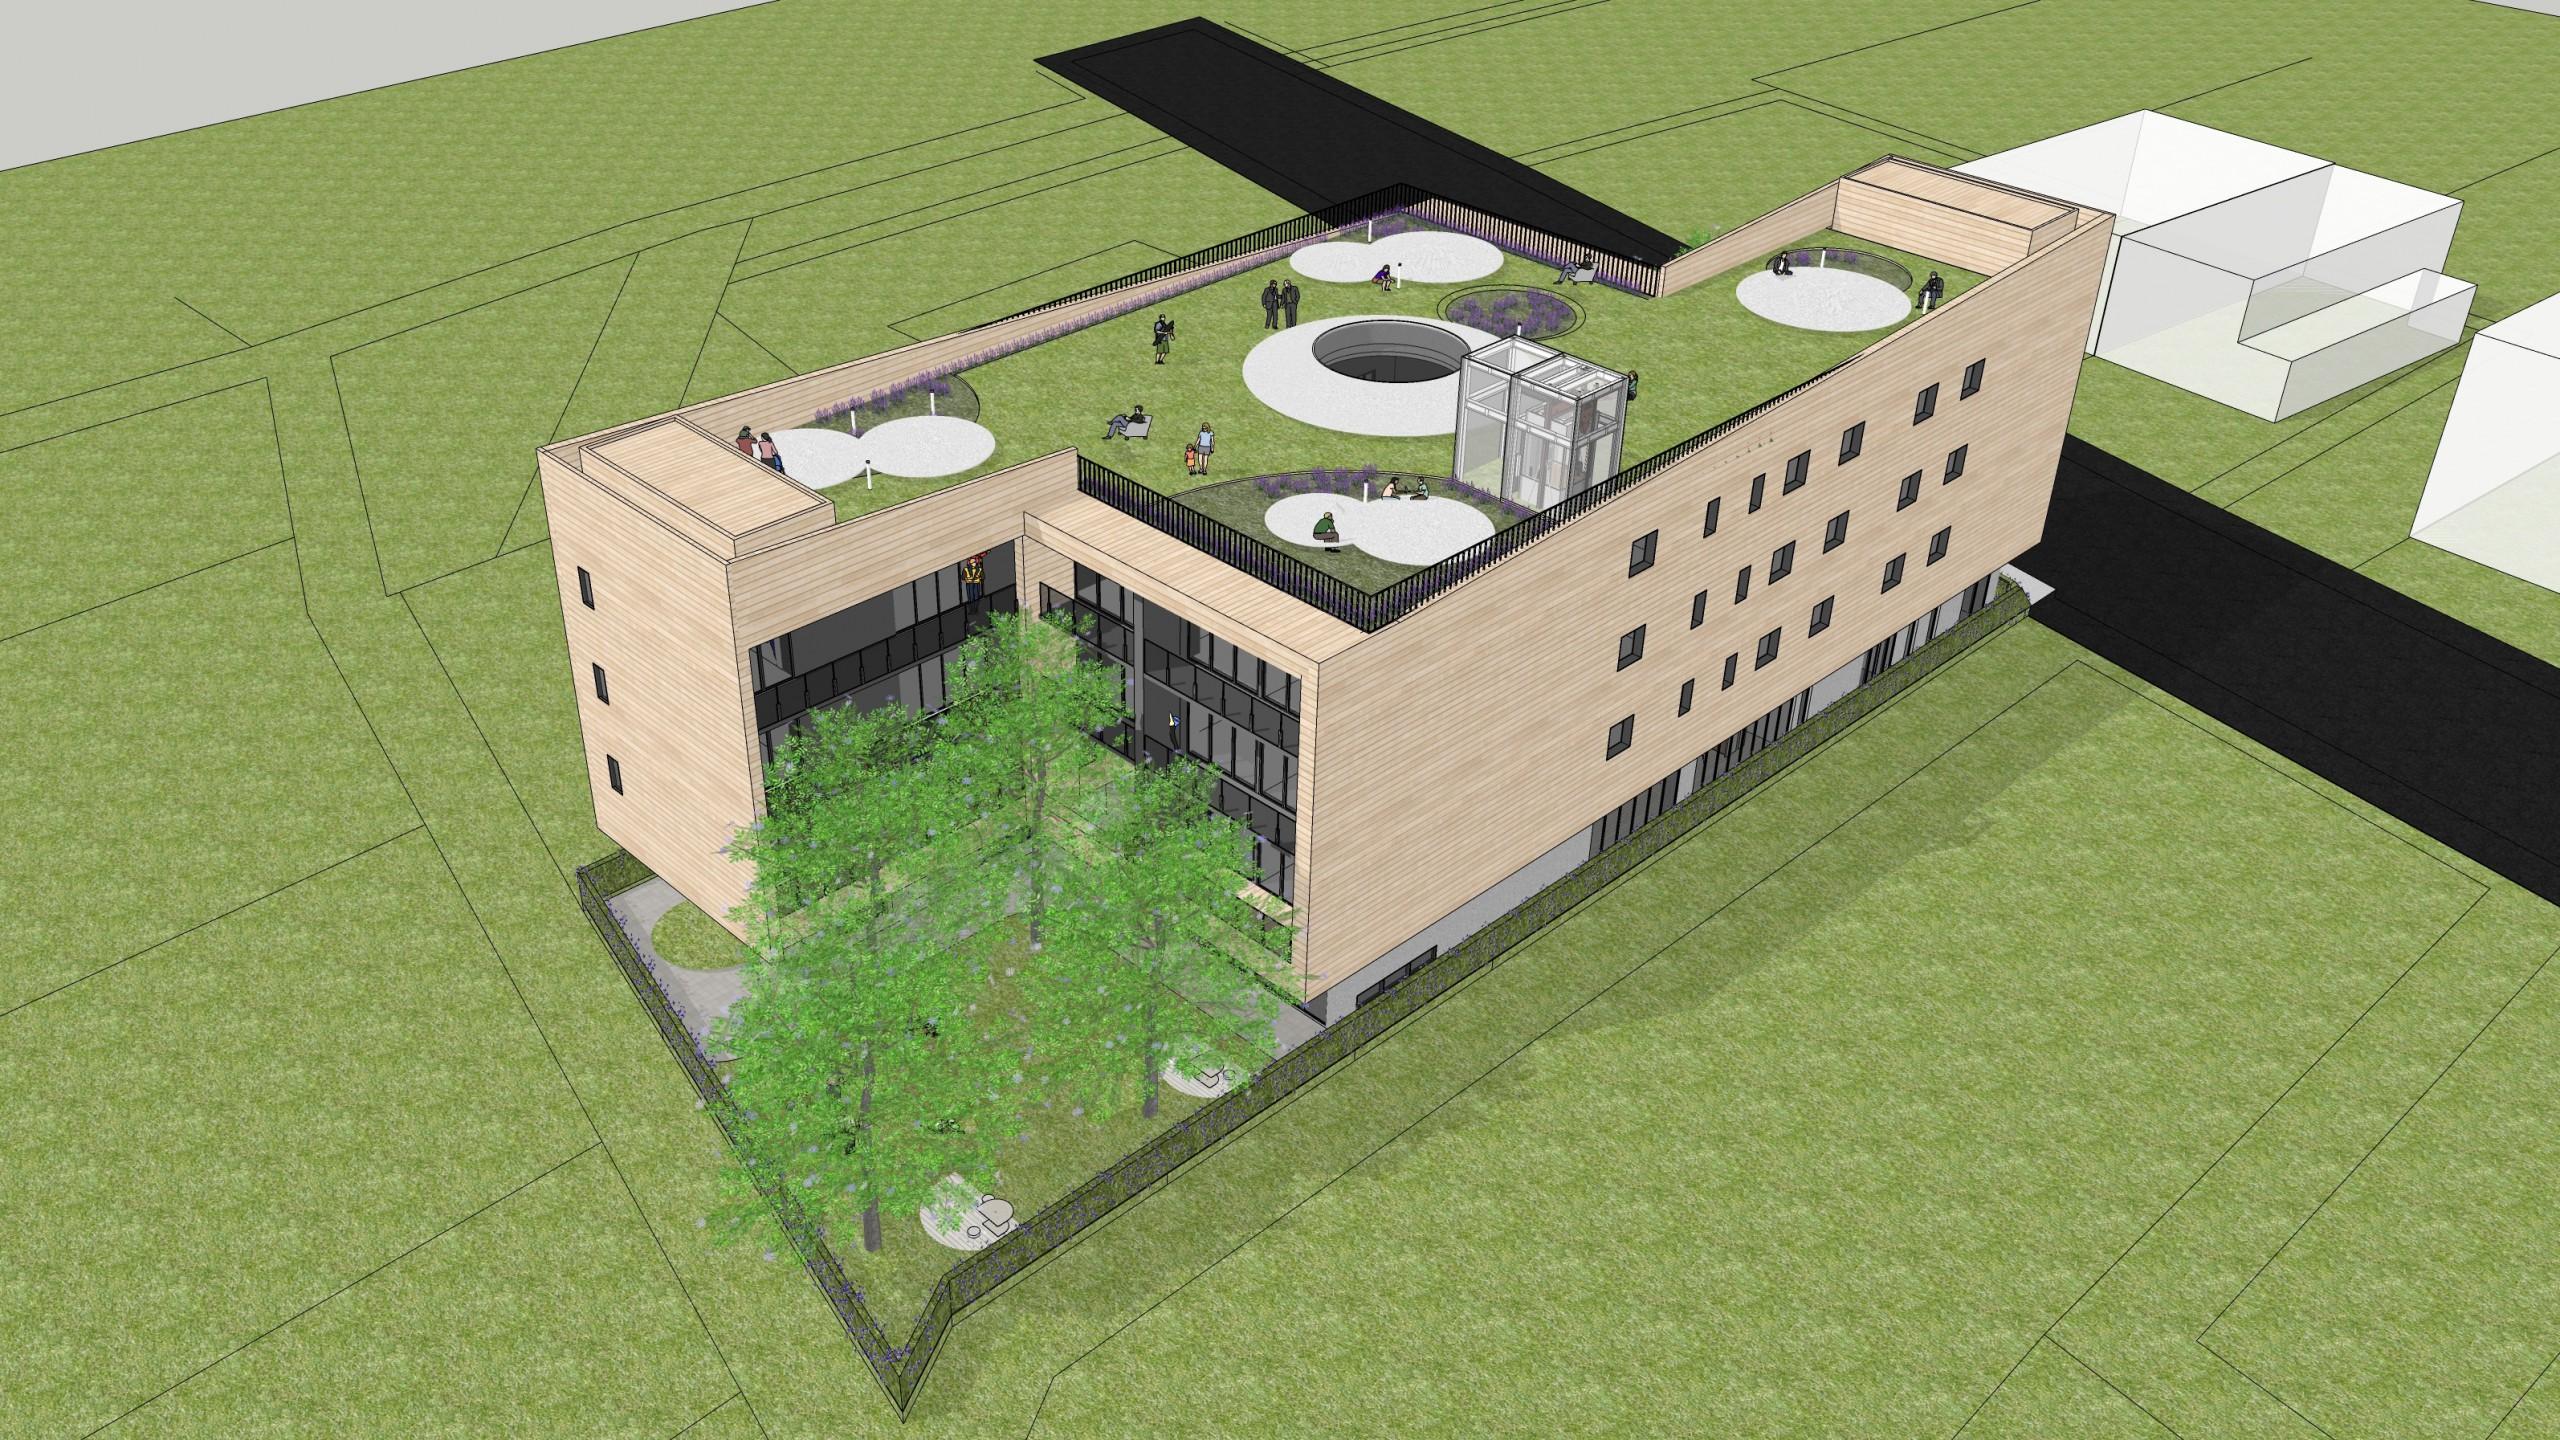 德築-DEZU-project-Zuxing-architecture-real-estate-engineering-sketchup-1